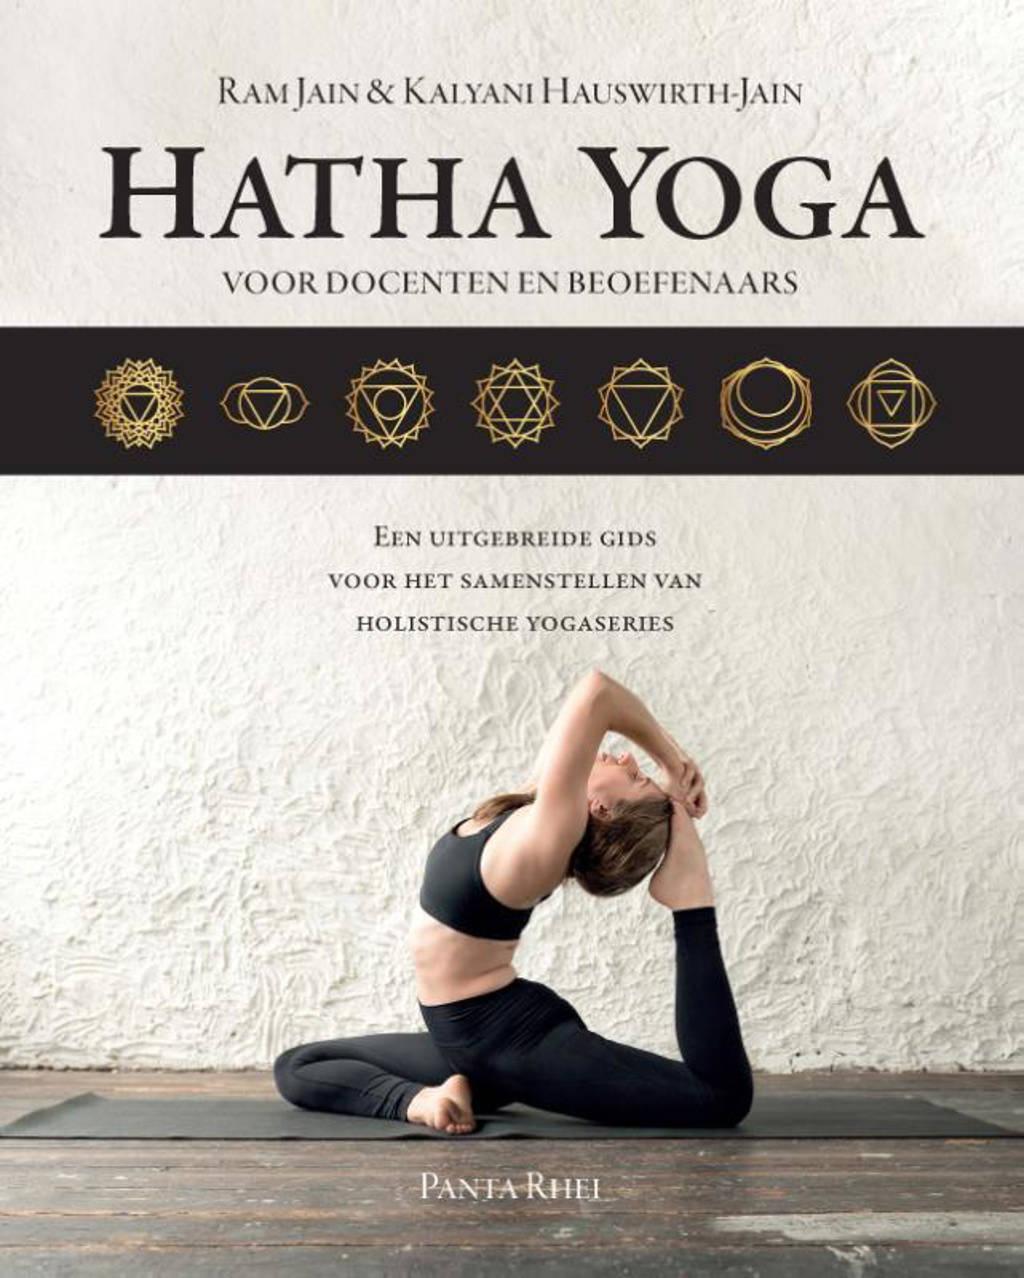 Hatha Yoga voor docenten en beoefenaars - Ram Jain en Kalyani Hauswirth-Jain